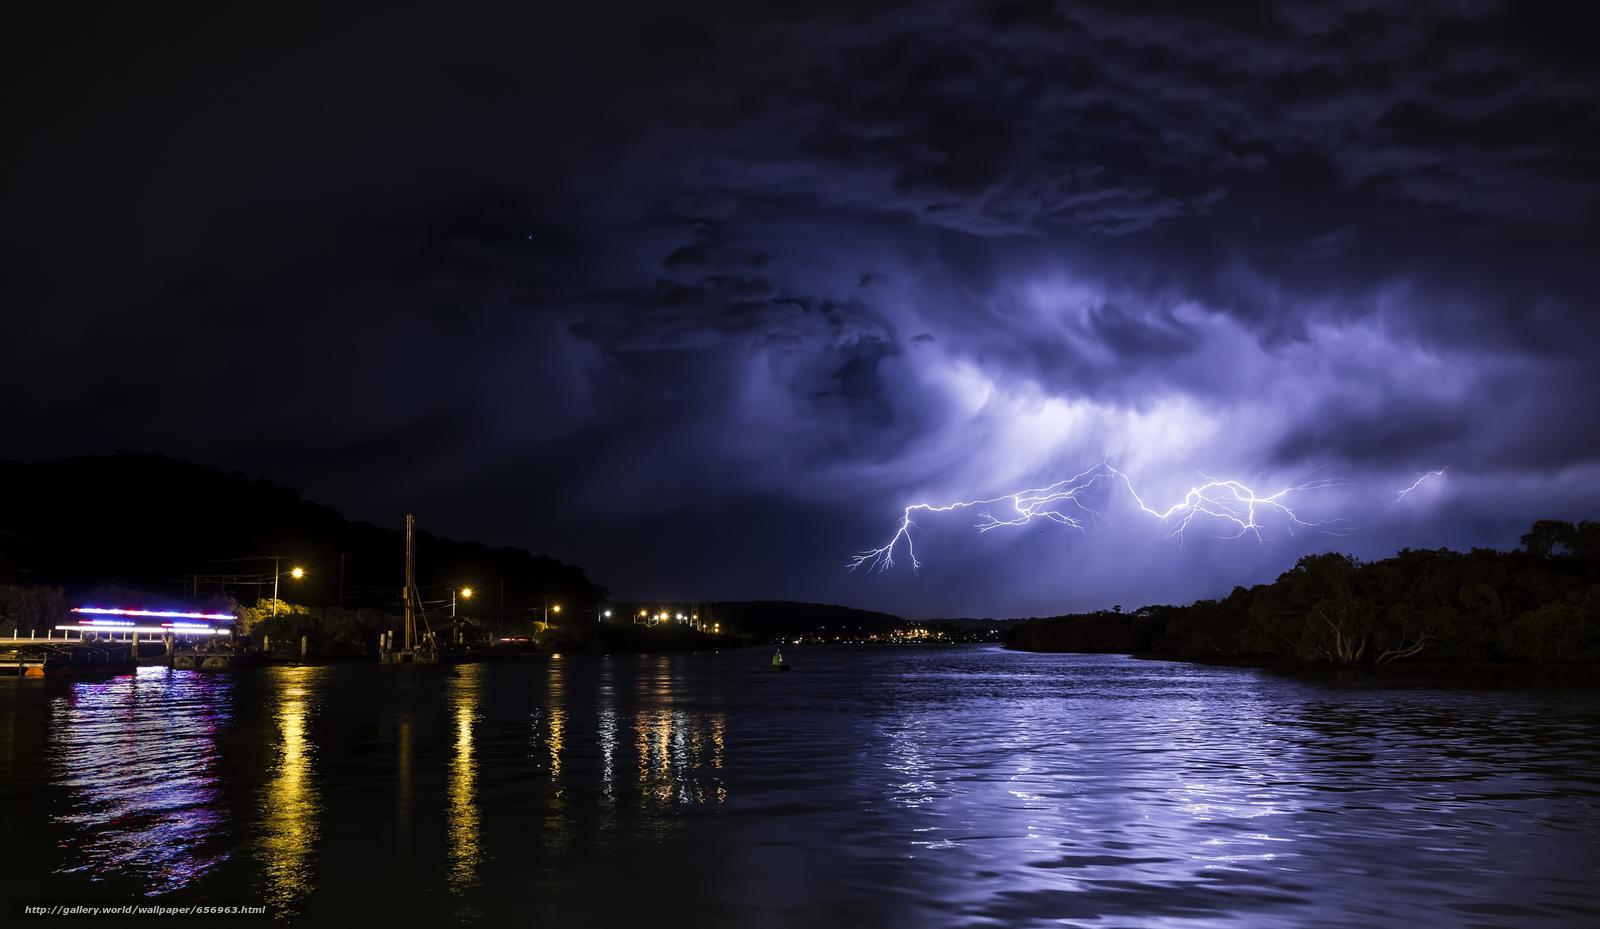 Скачать обои ночь,  река,  молния,  пейзаж бесплатно для рабочего стола в разрешении 2048x1189 — картинка №656963